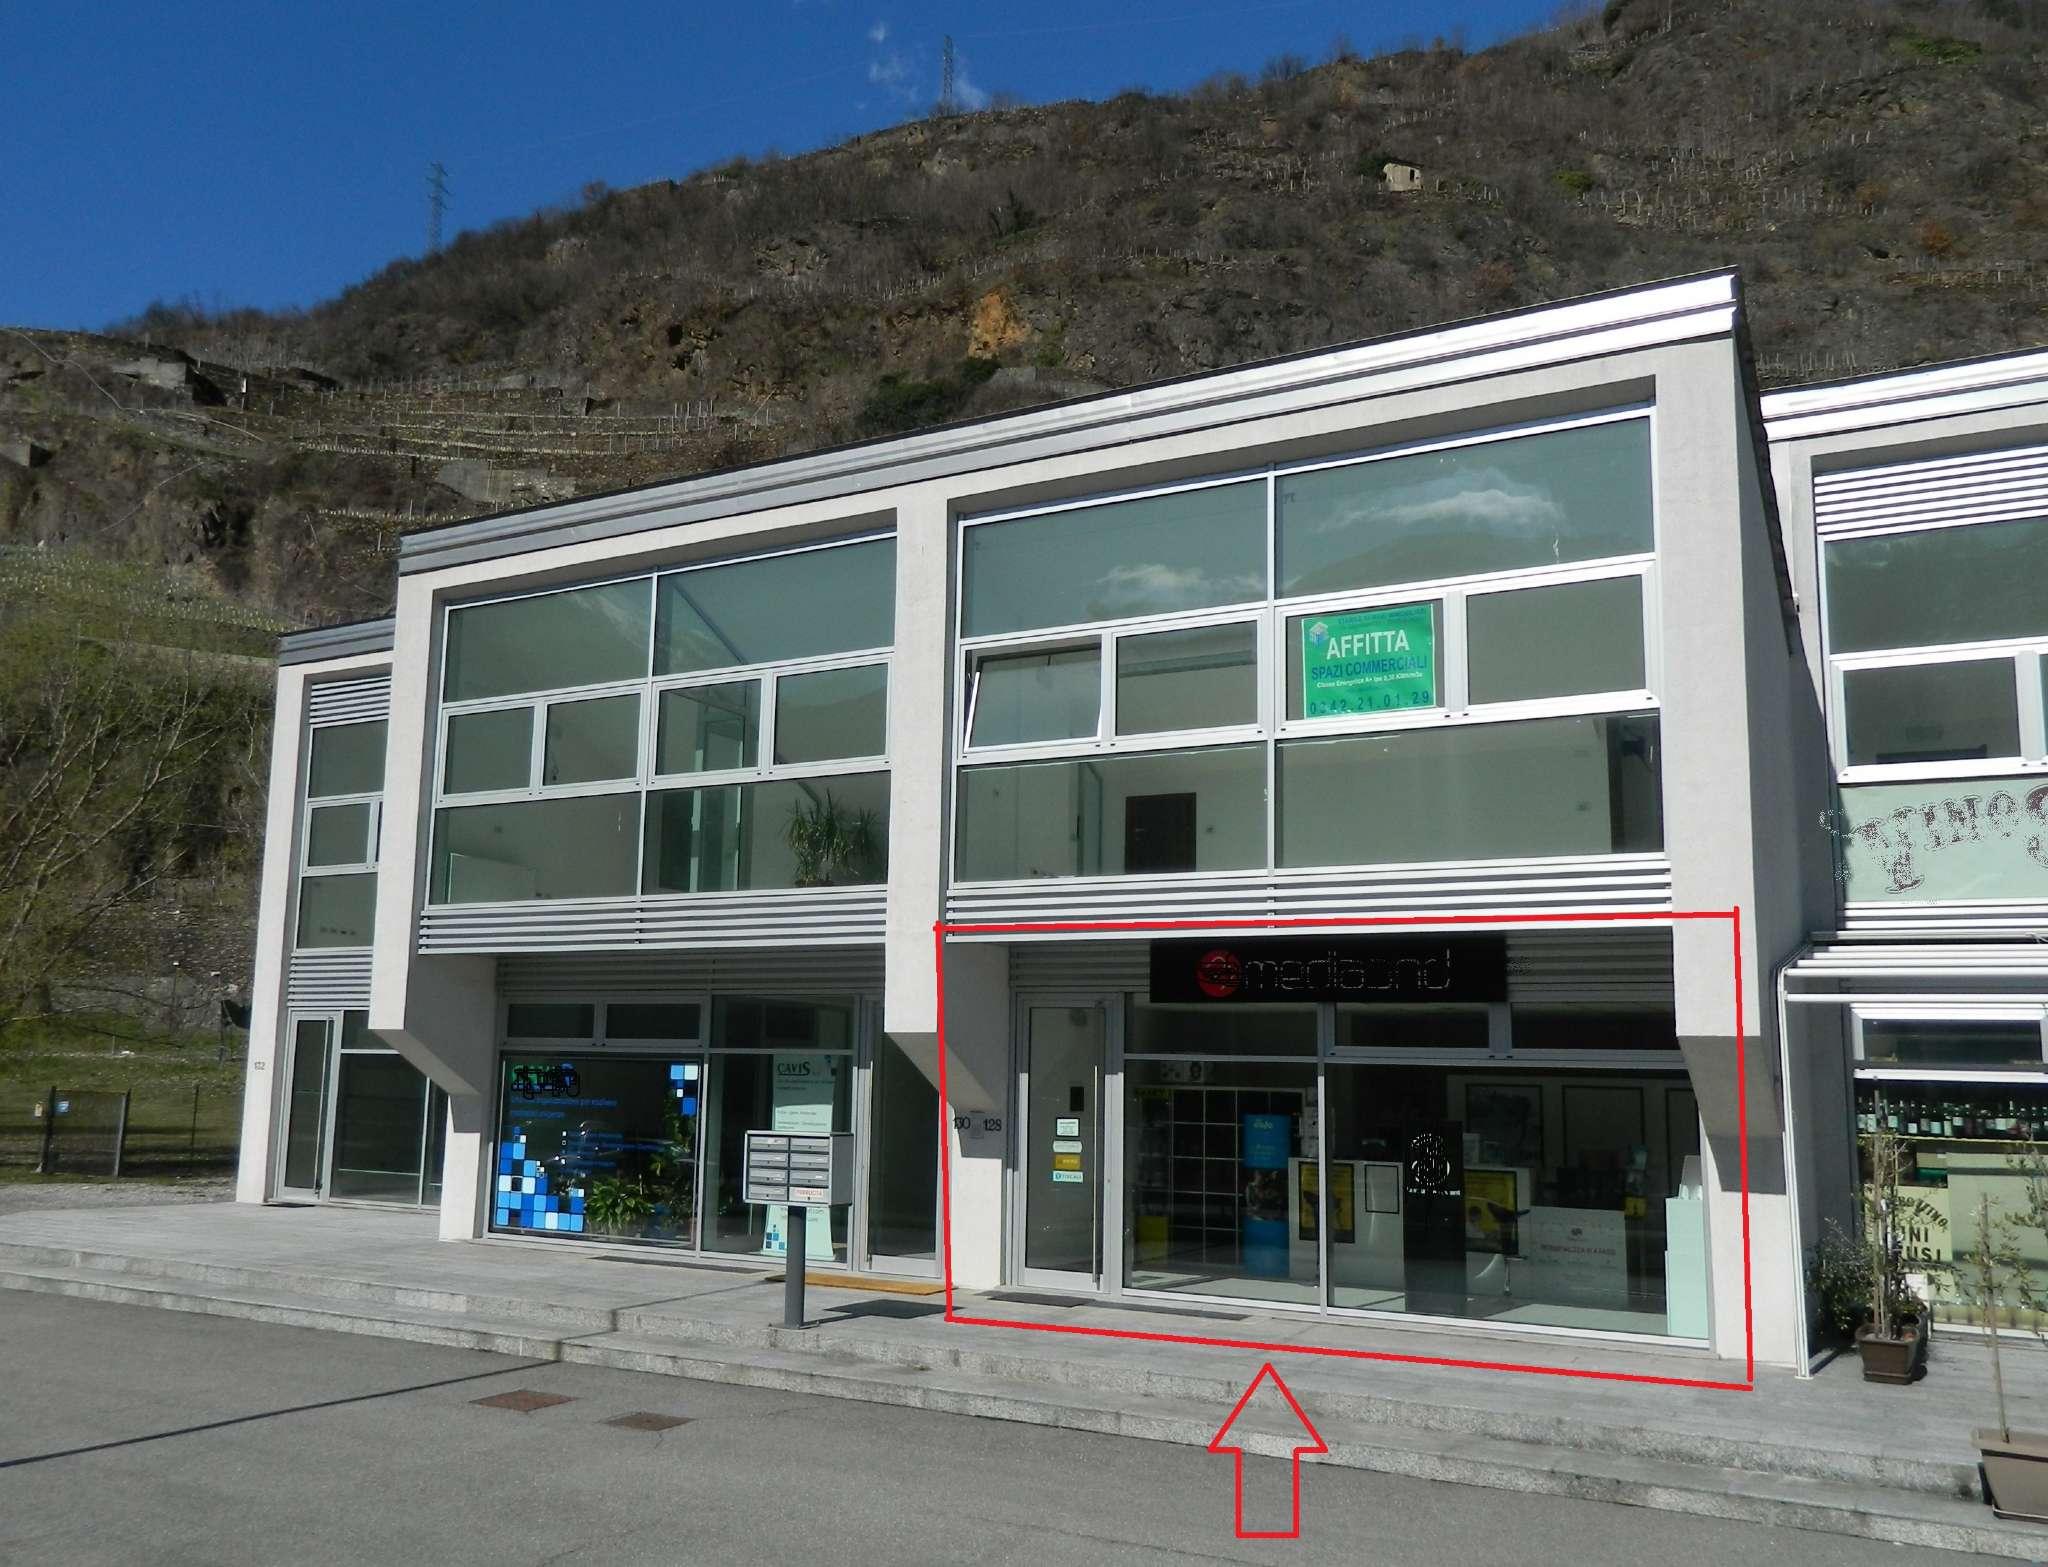 Negozio / Locale in affitto a Sondrio, 1 locali, prezzo € 400 | PortaleAgenzieImmobiliari.it